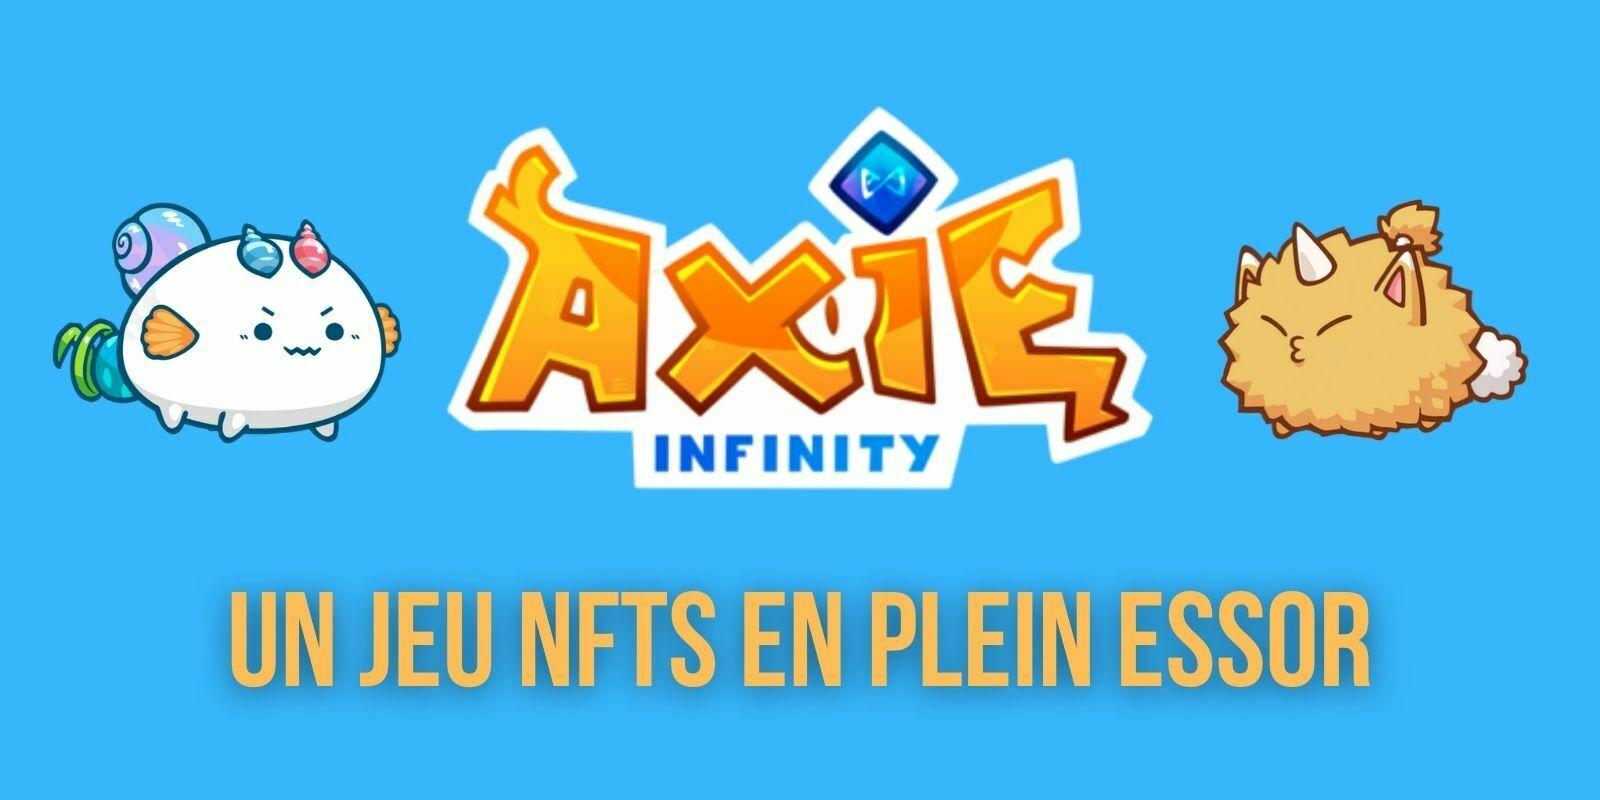 L'économie d'Axie Infinity et de ses NFTs connaissent une forte croissance